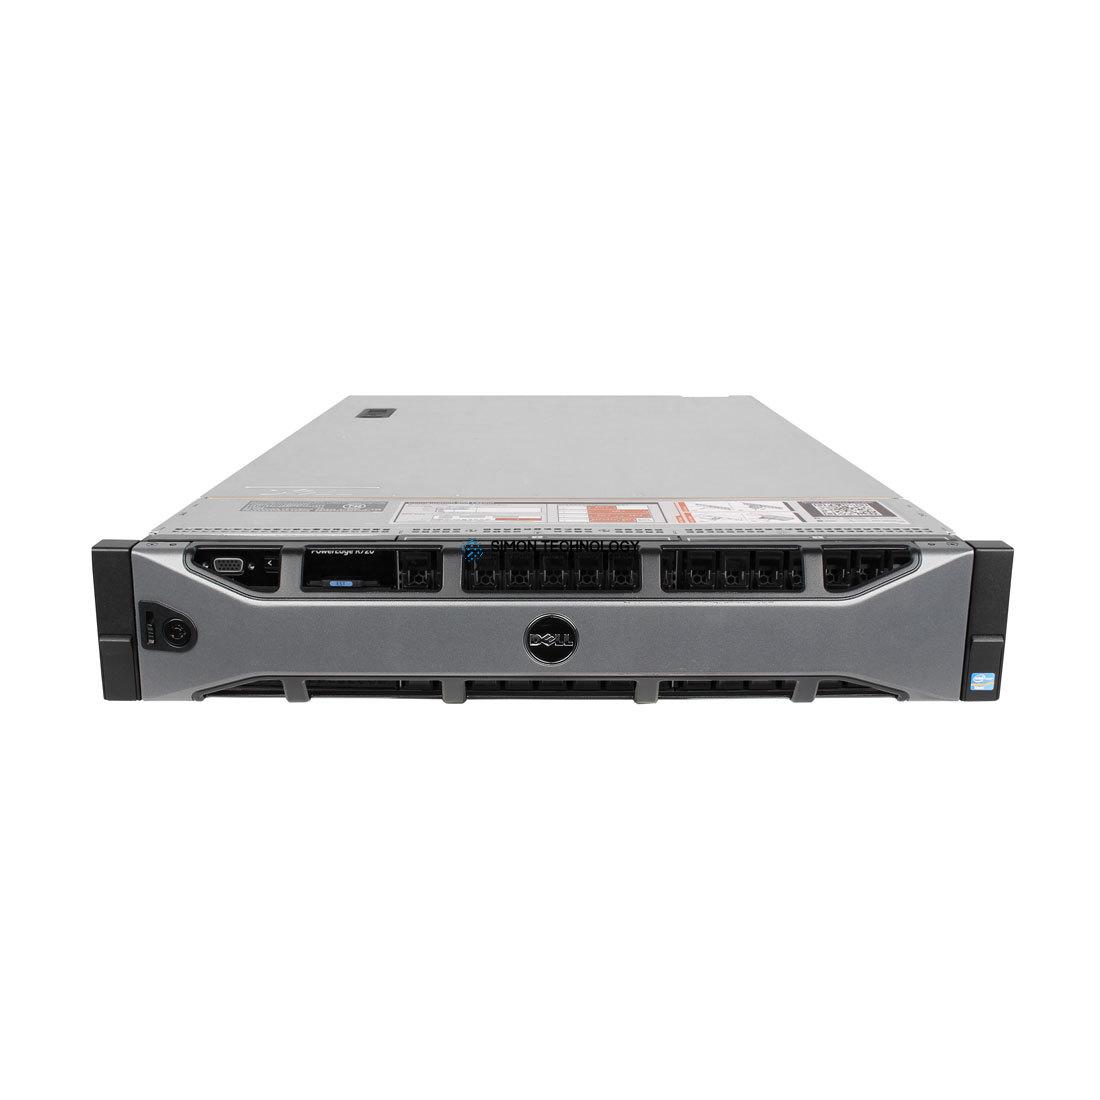 Сервер Dell PER720 CTO H710P MINI 16*SFF IDRAC ENT LICENCE DVD (R720 ENT H710P DVD)